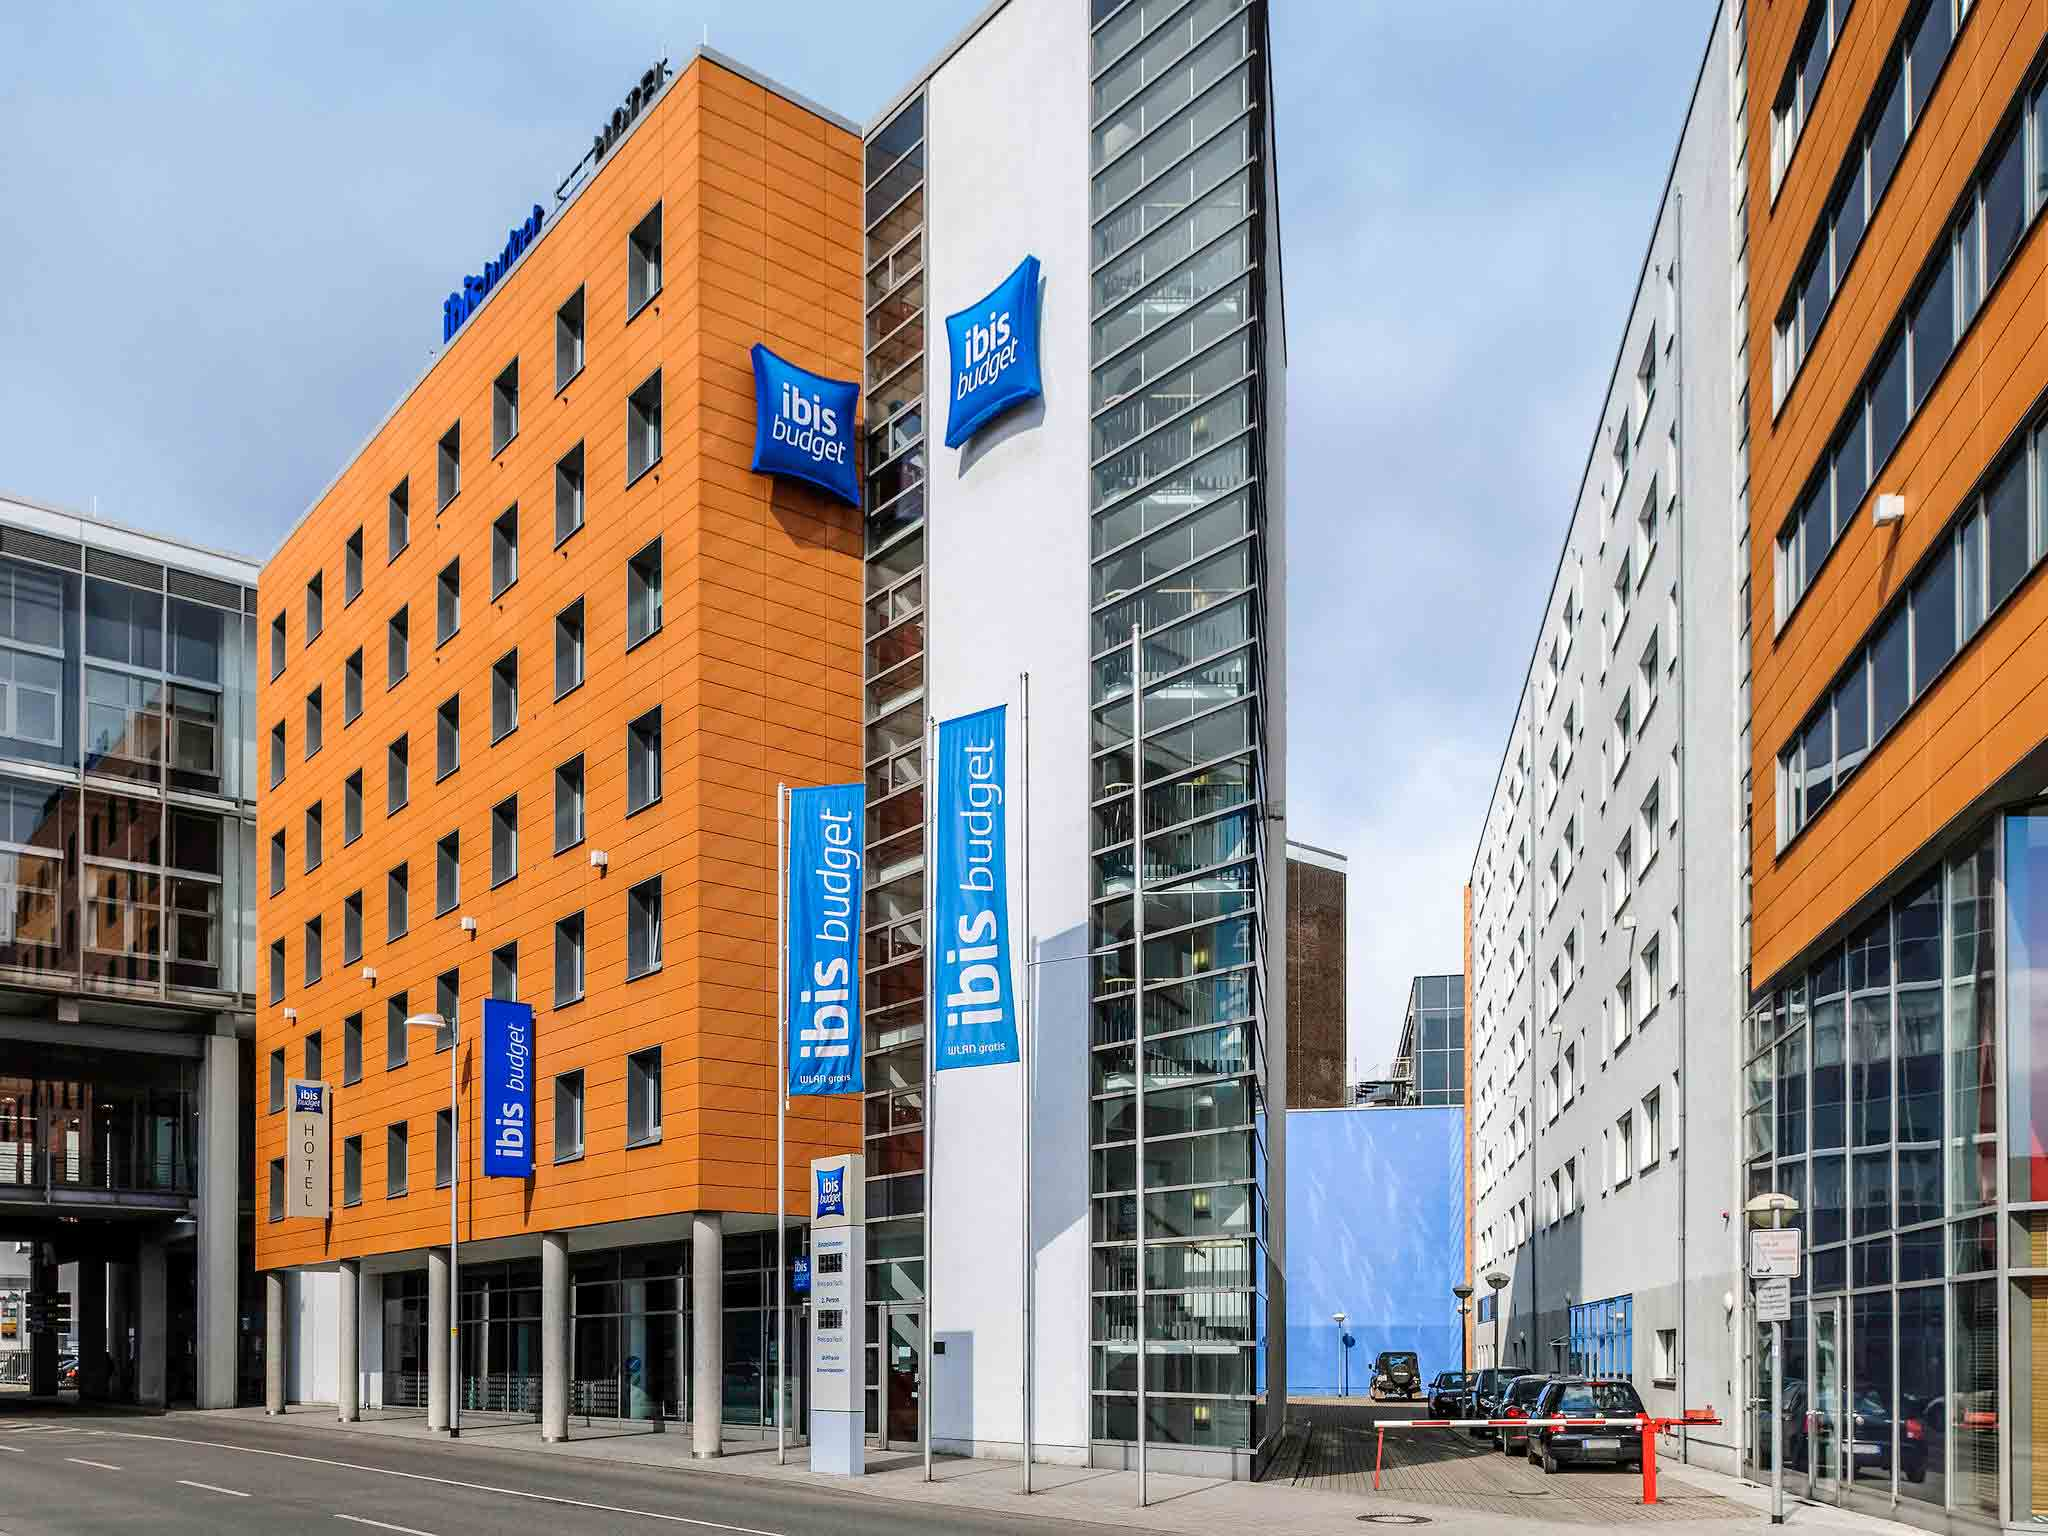 ホテル – イビスバジェットハノーファーハウプトバーンホフ